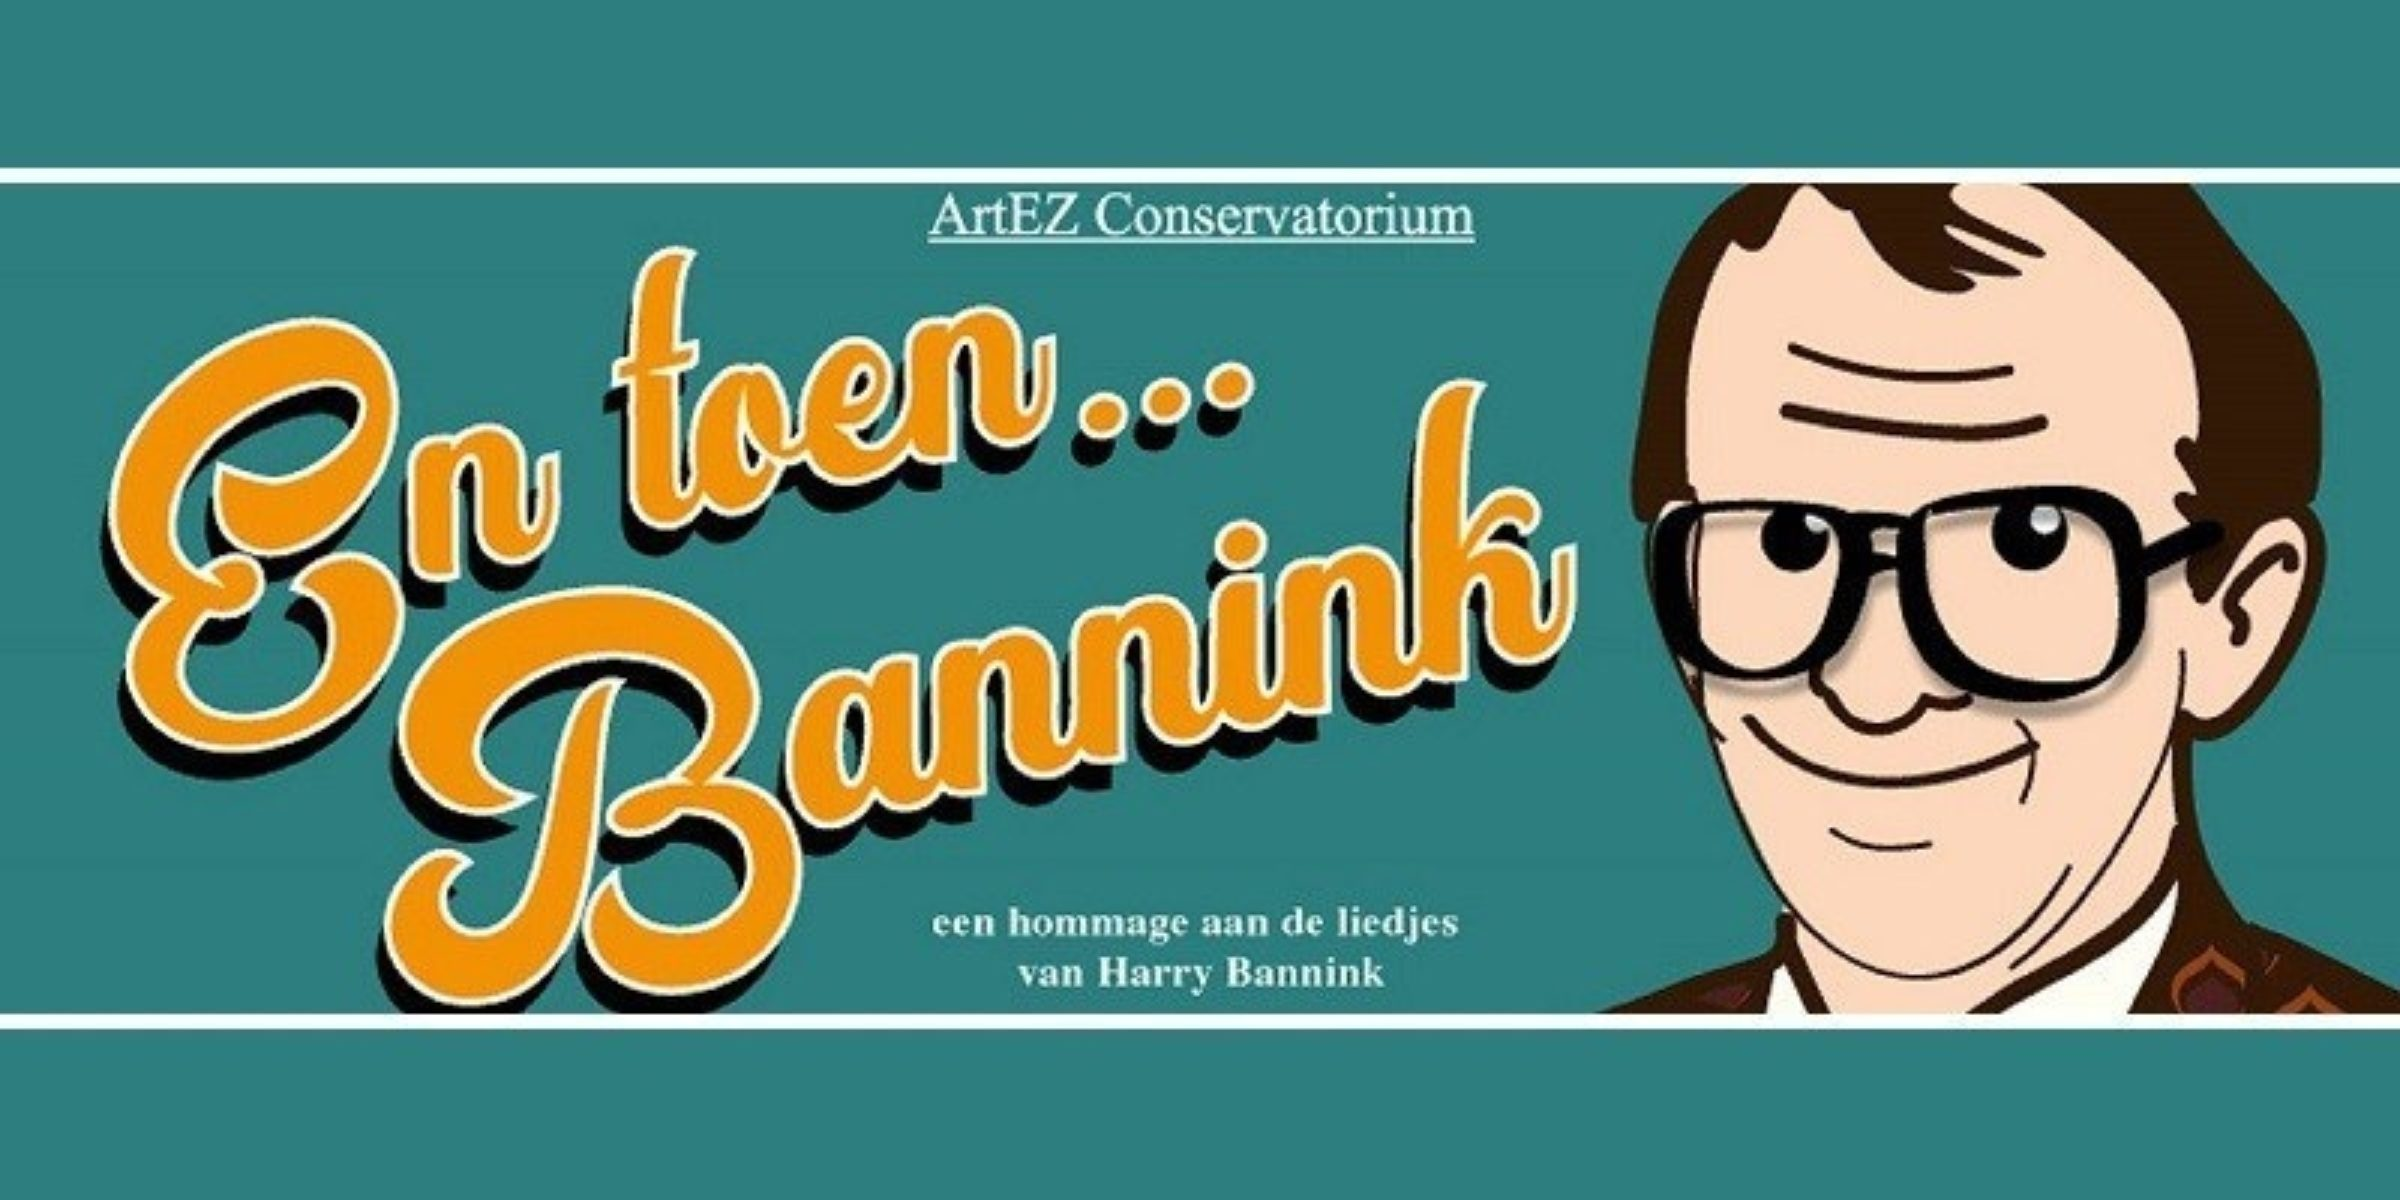 Bannink 2604 1554468723 35hxfw5h85